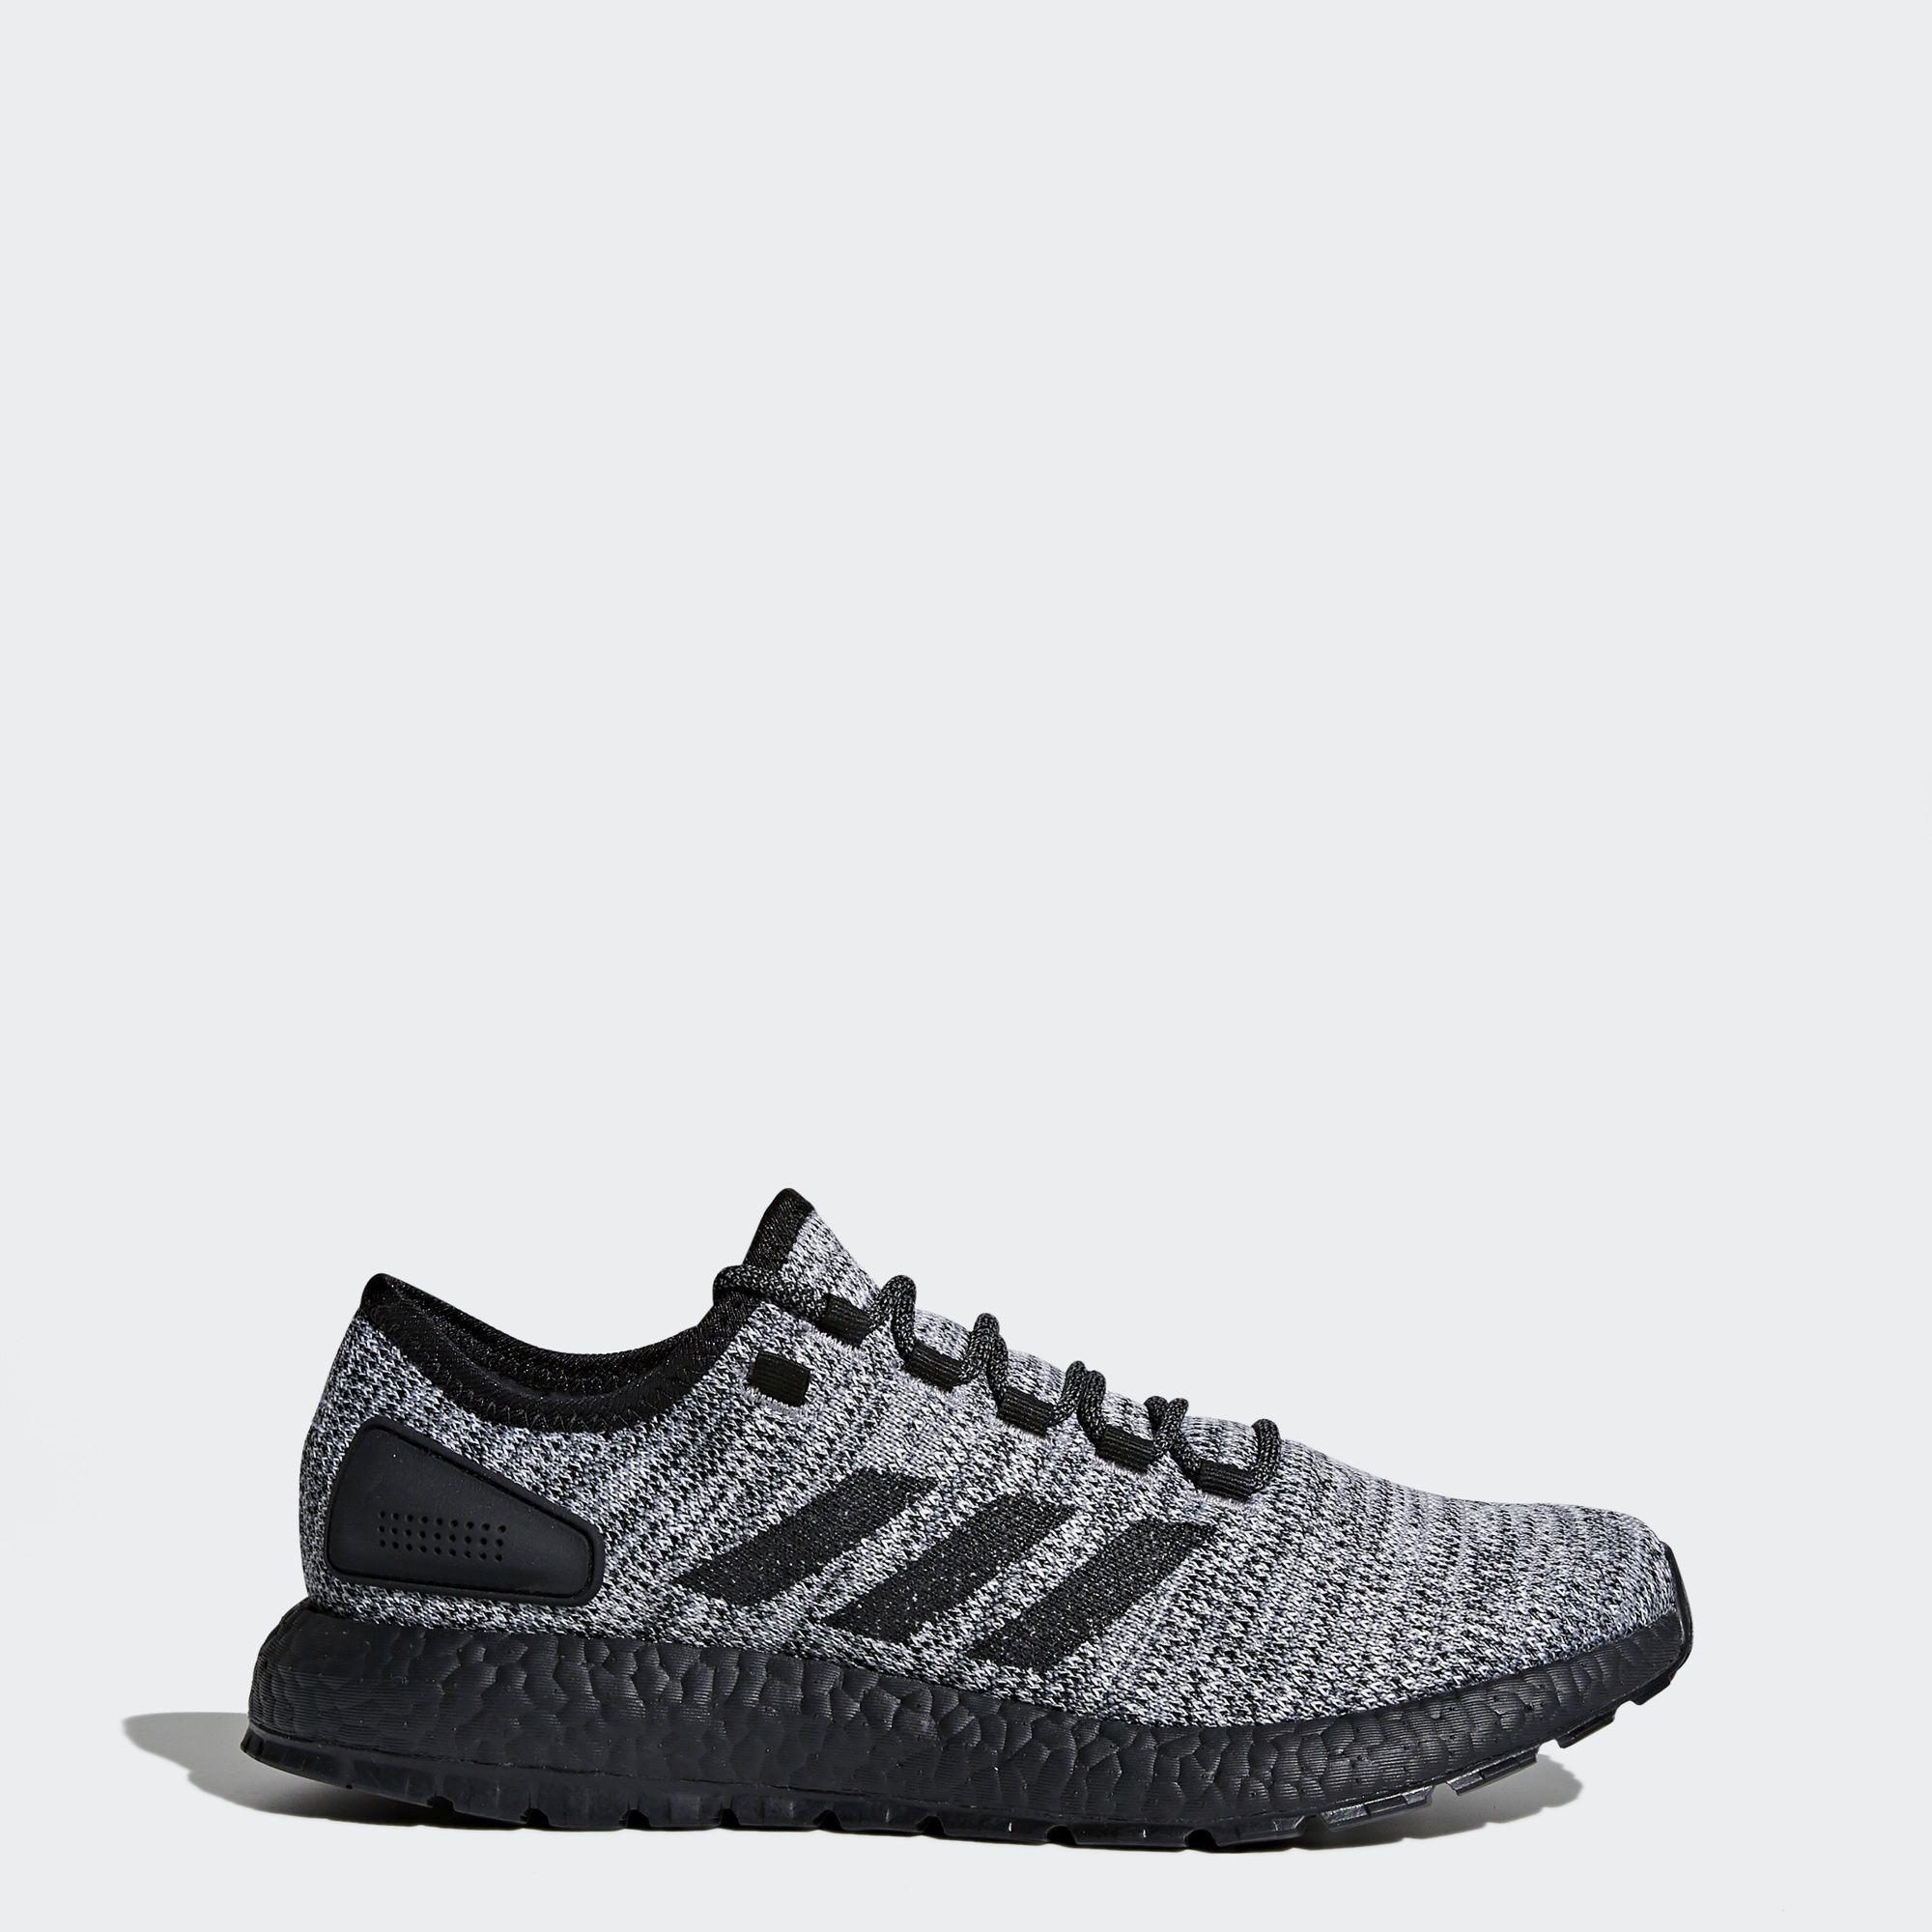 adidas pureboost tutto terreno scarpe mens scarpe adidas